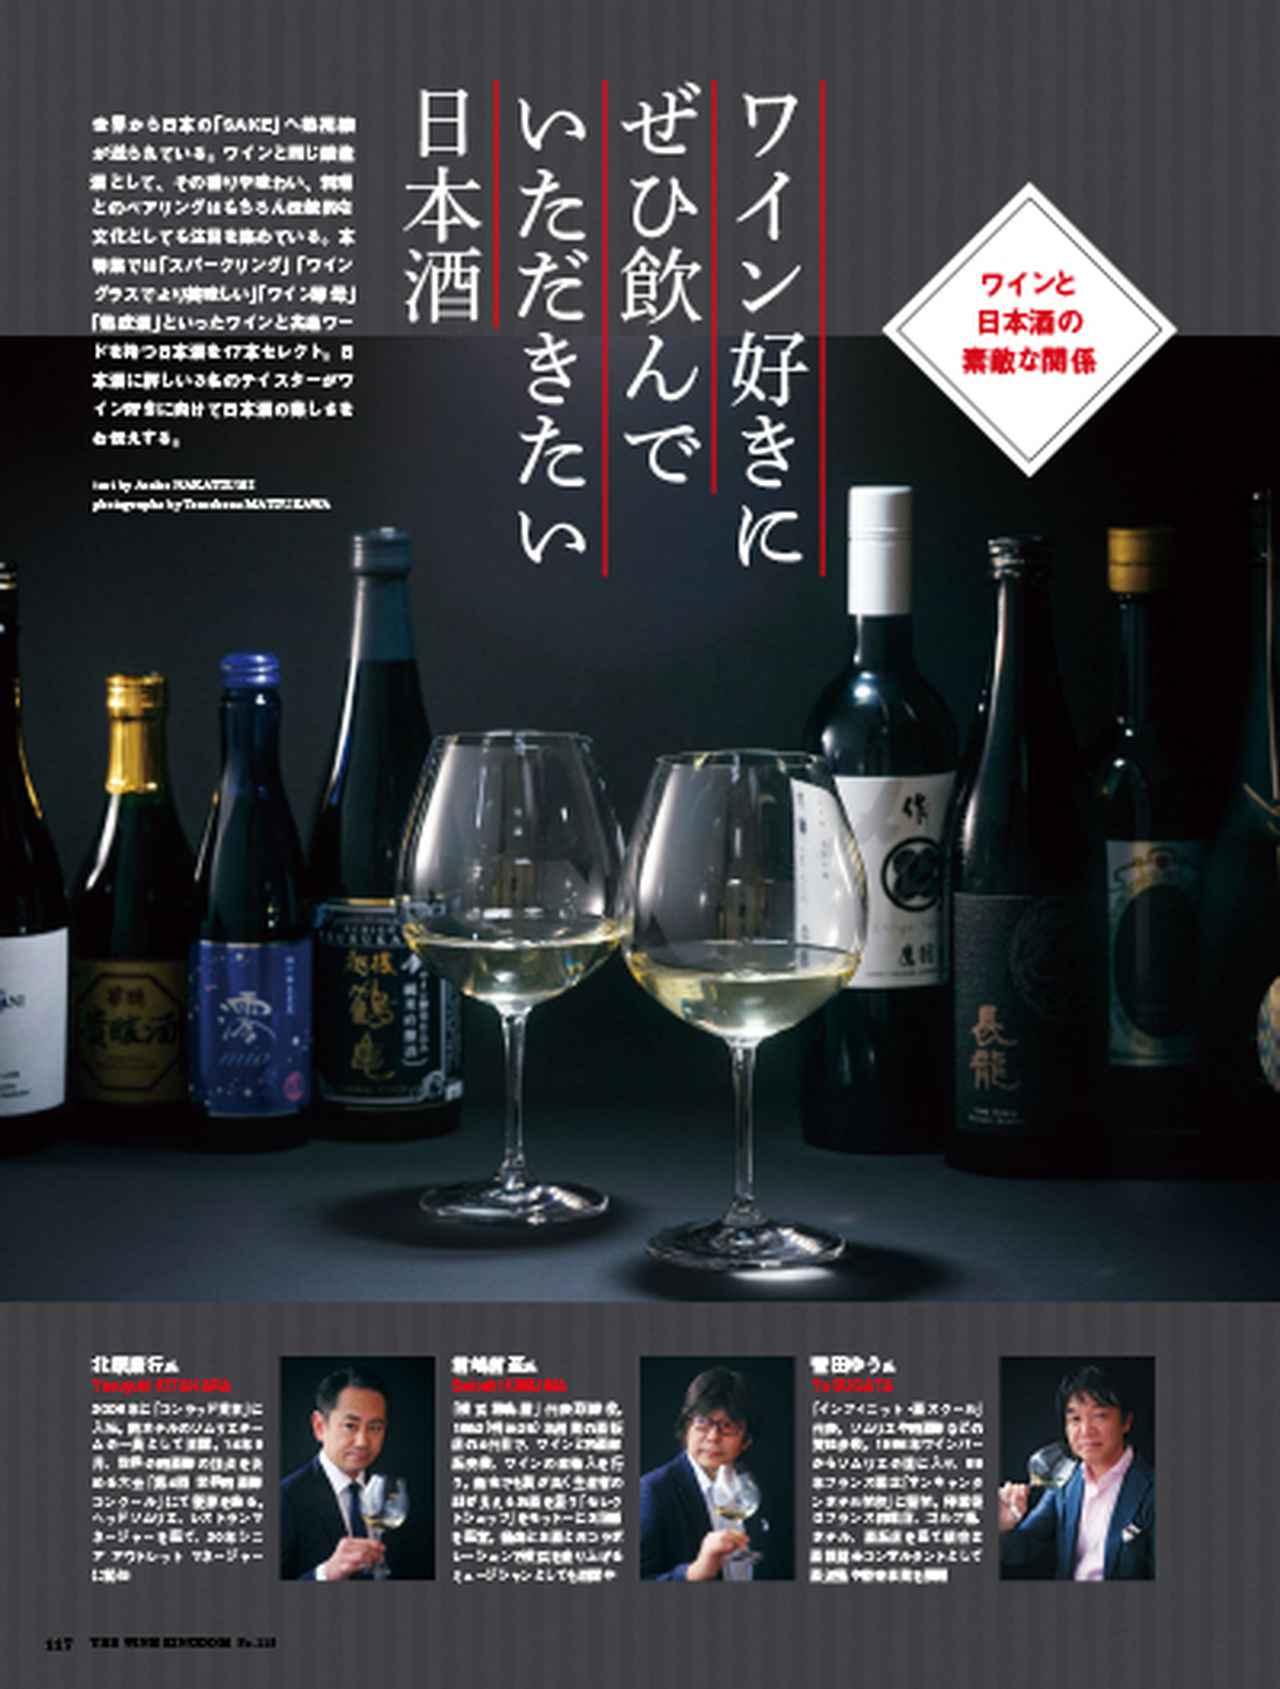 画像5: 『ワイン王国 119号』銘醸が造る ちょっと贅沢なおうち飲みブルゴーニュ/日本ワインをとことん楽しむ!/ワイン好きにぜひ飲んでいただきたい日本酒